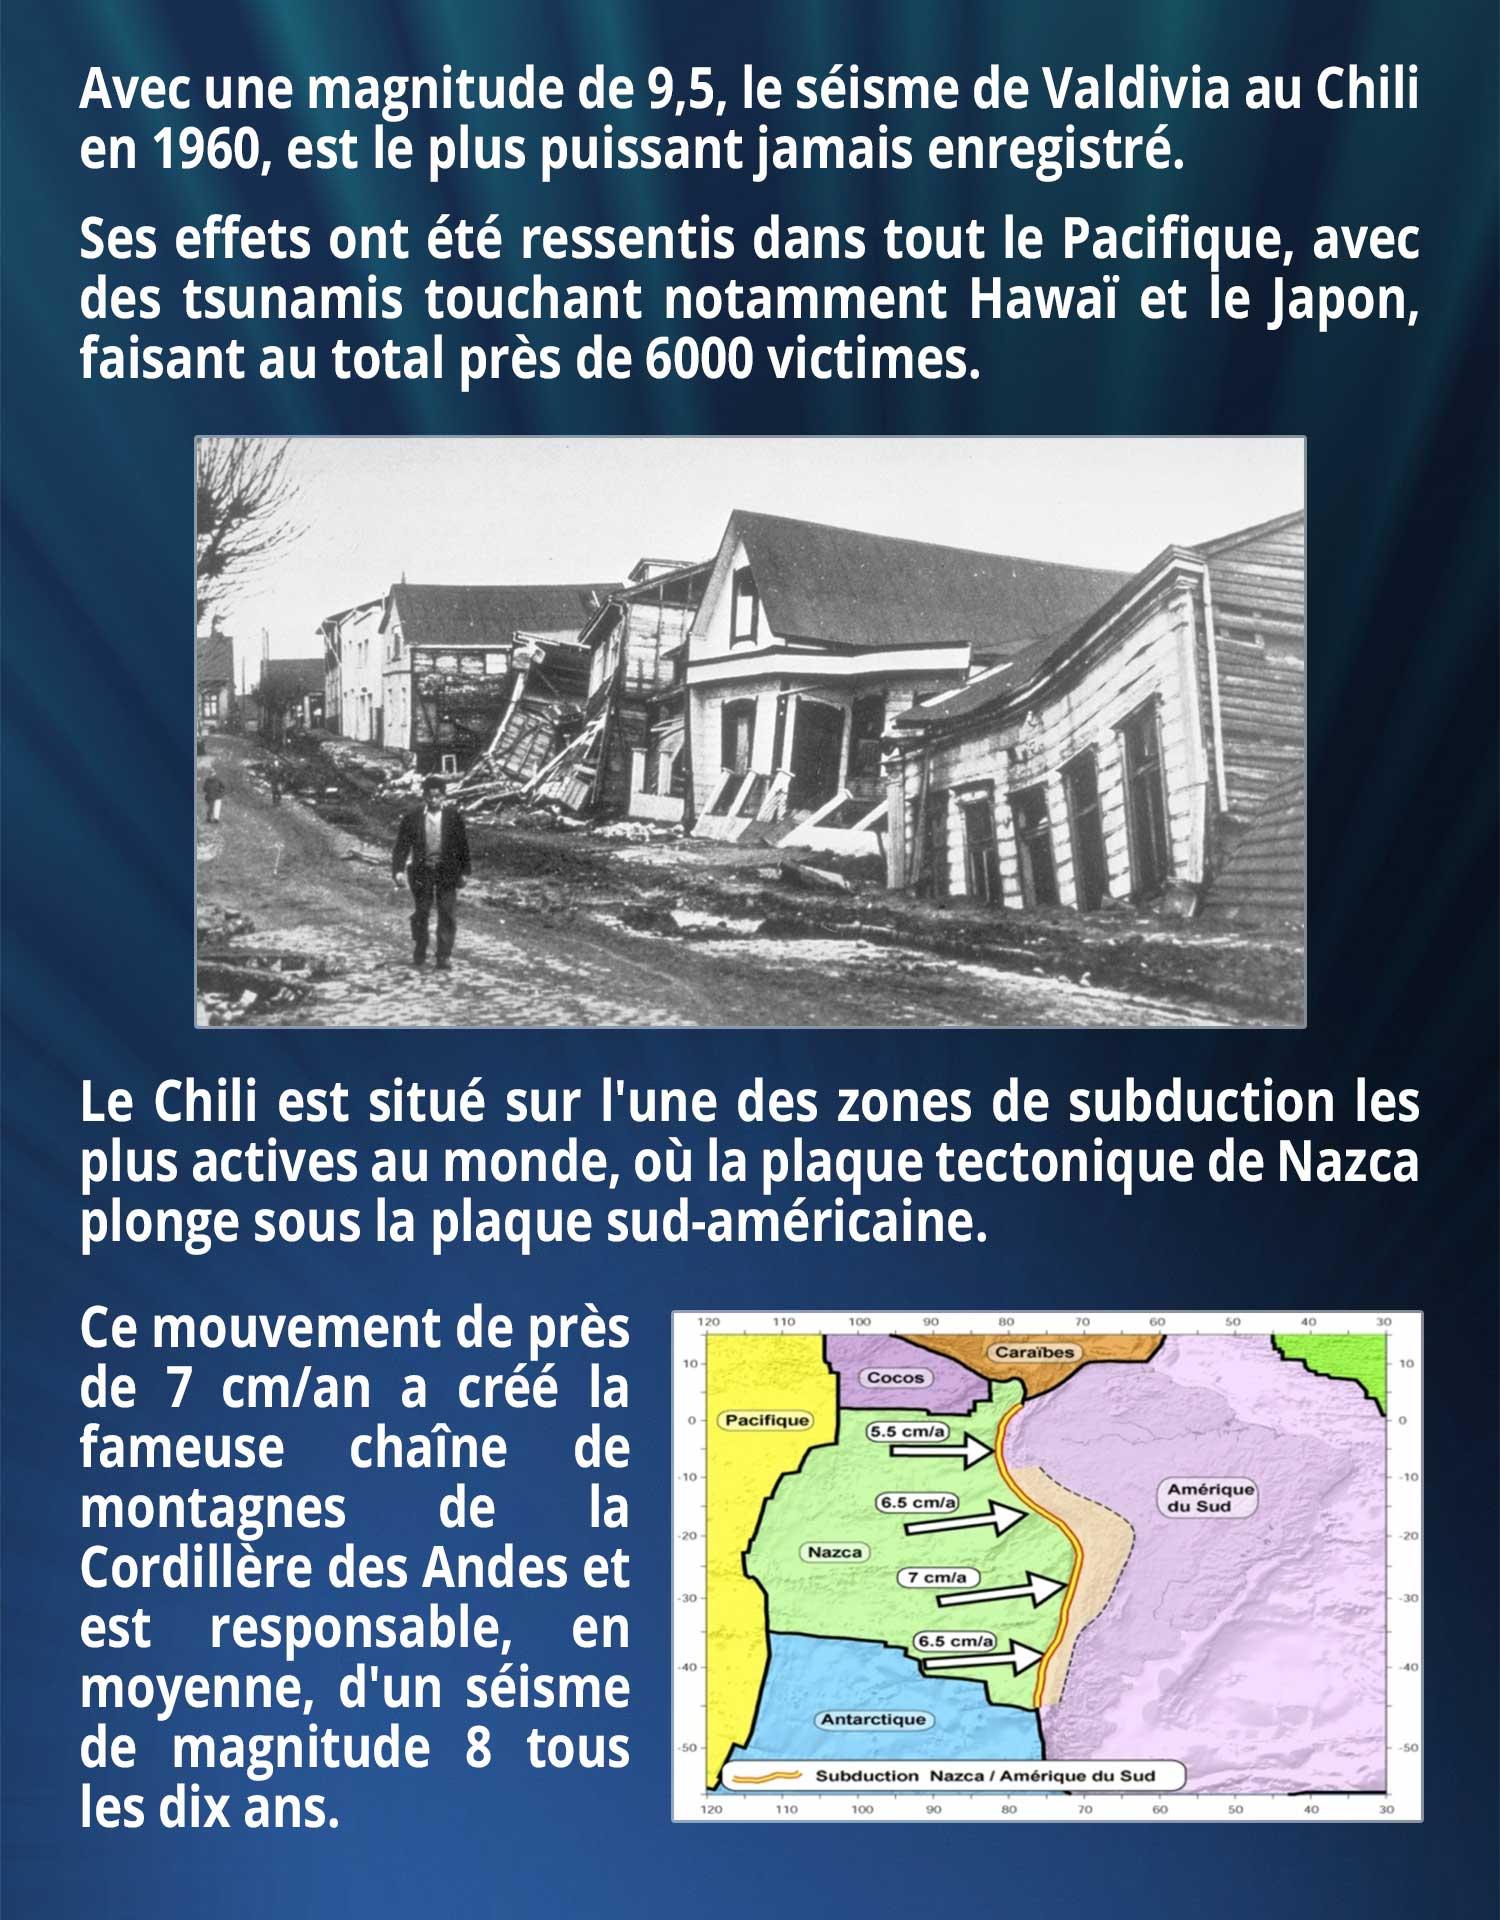 Avec une magnitude de 9,5, le séisme de Valdivia au Chili en 1960, est le plus puissant jamais enregistré. Ses effets ont été ressentis dans tout le Pacifique, avec des tsunamis touchant notamment Hawaï et le Japon, faisant au total près de 6000 victimes. Le Chili est situé sur l'une des zones de subduction les plus actives au monde, où la plaque tectonique de Nazca plonge sous la plaque sud-américaine. Ce mouvement de près de 7 cm/an a créé la fameuse chaîne de montagnes de la Cordillère des Andes et est responsable, en moyenne, d'un séisme de magnitude 8 tous les dix ans.